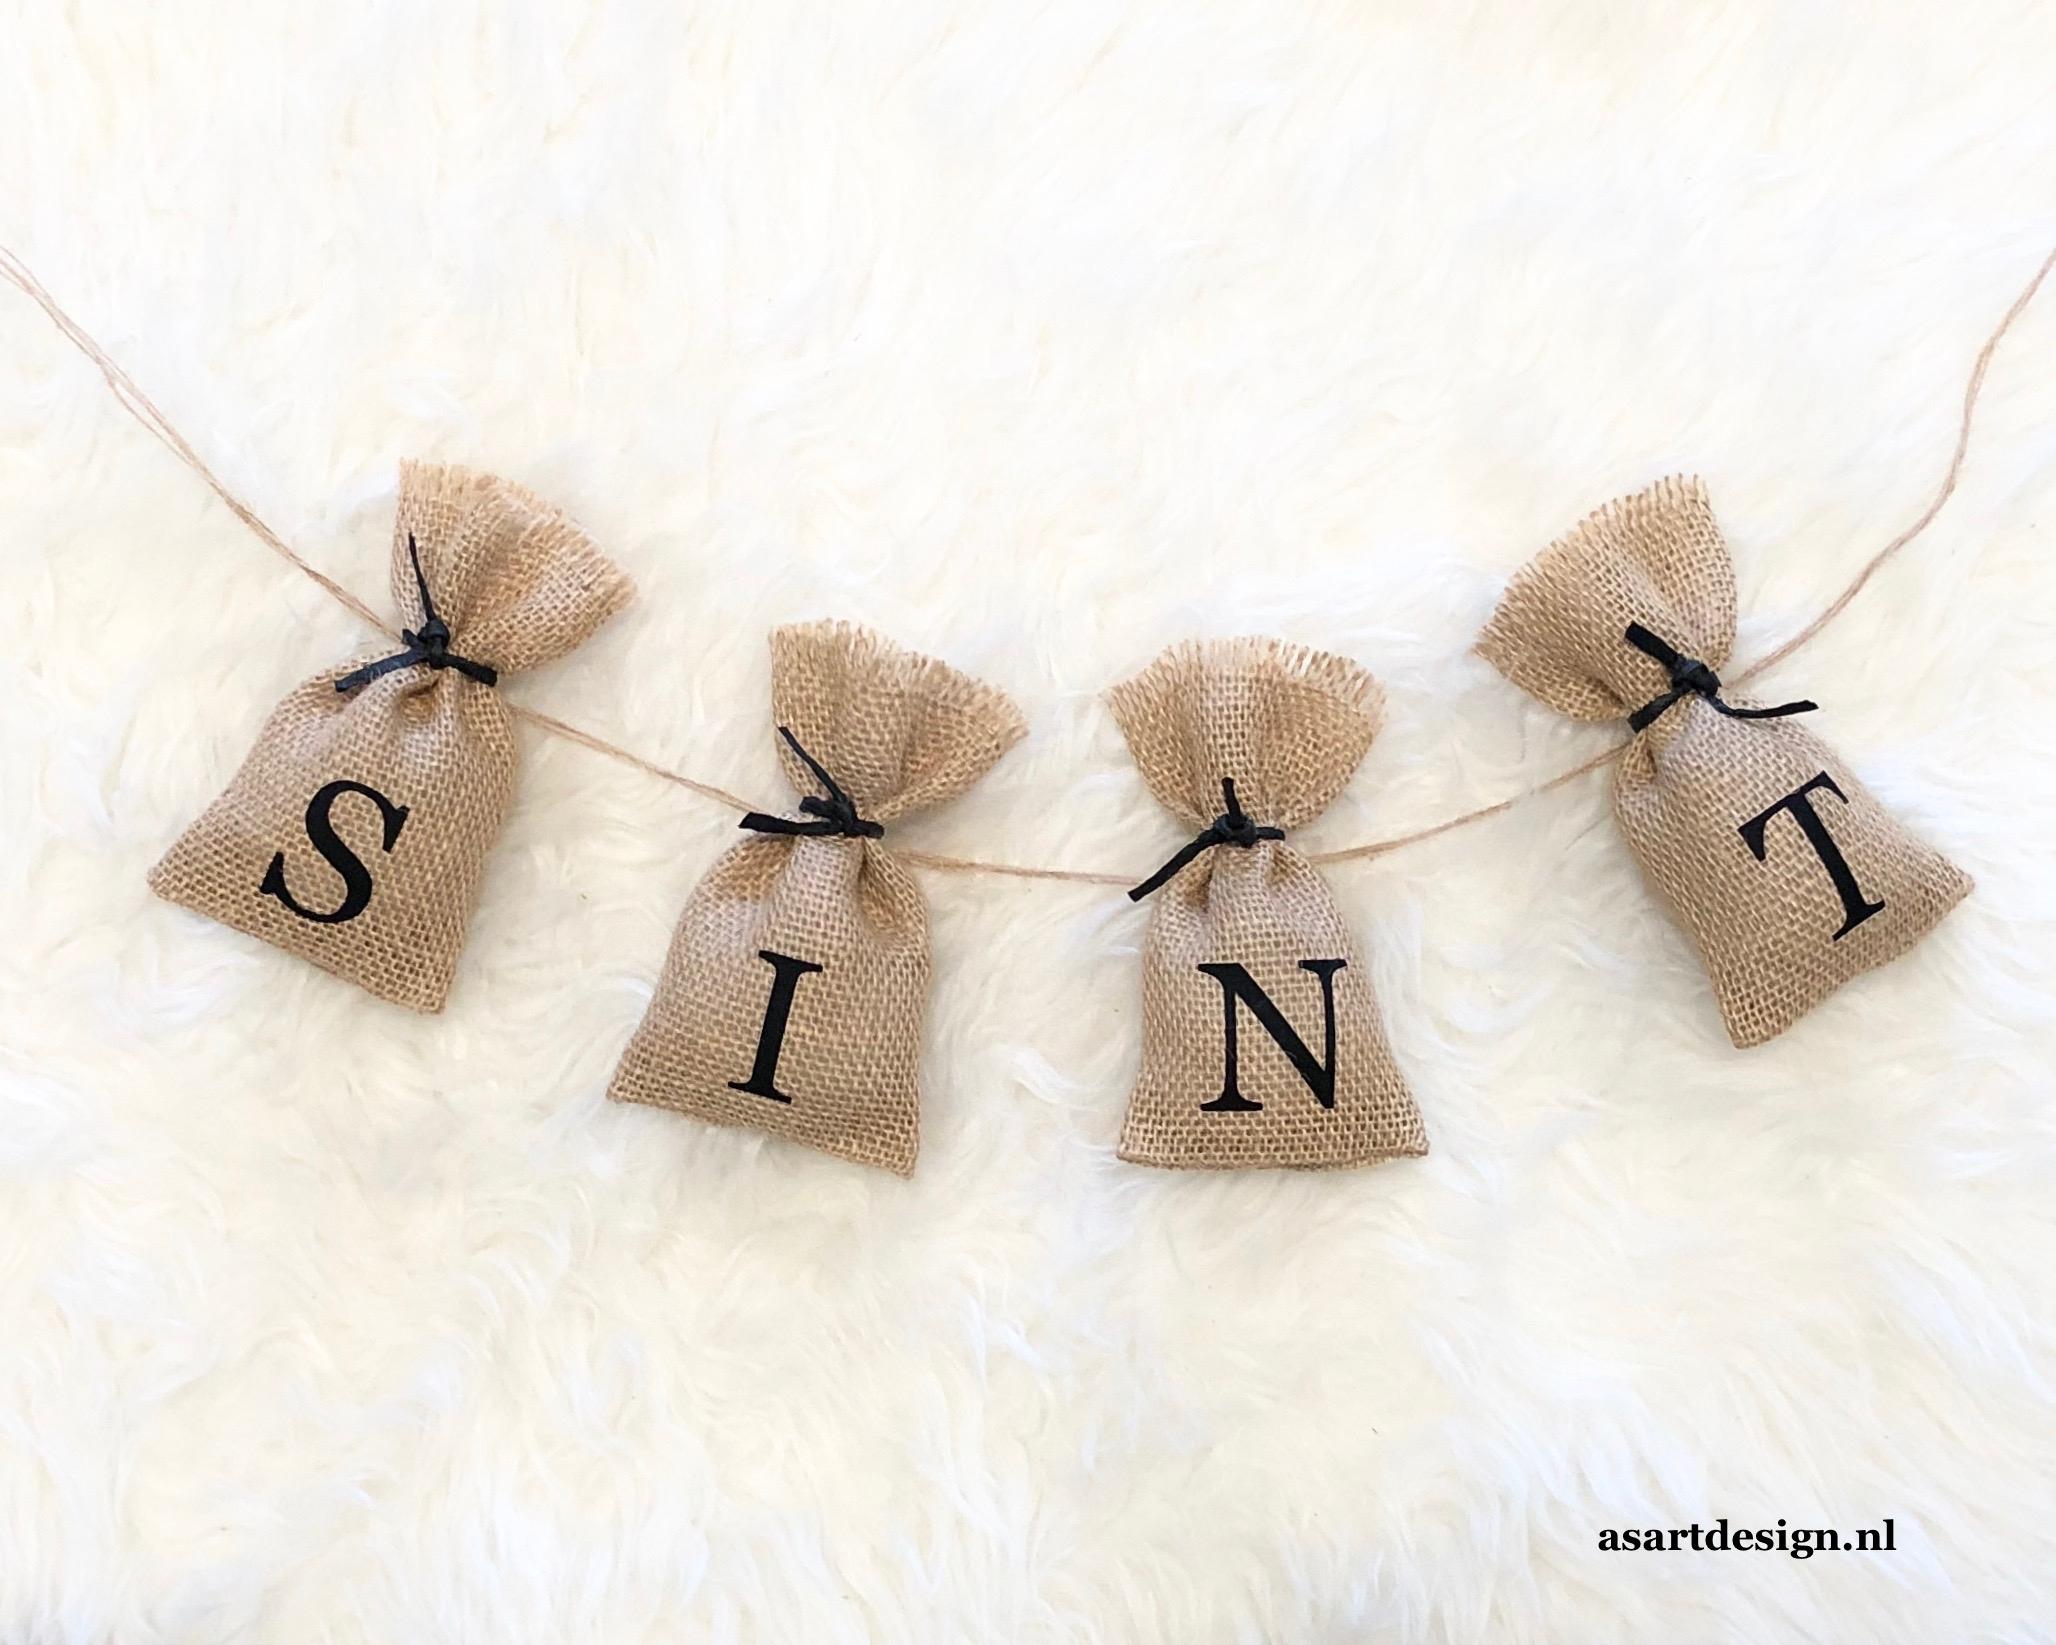 Sinterklaas decoratie | Sinterklaas slinger zakjes (4)